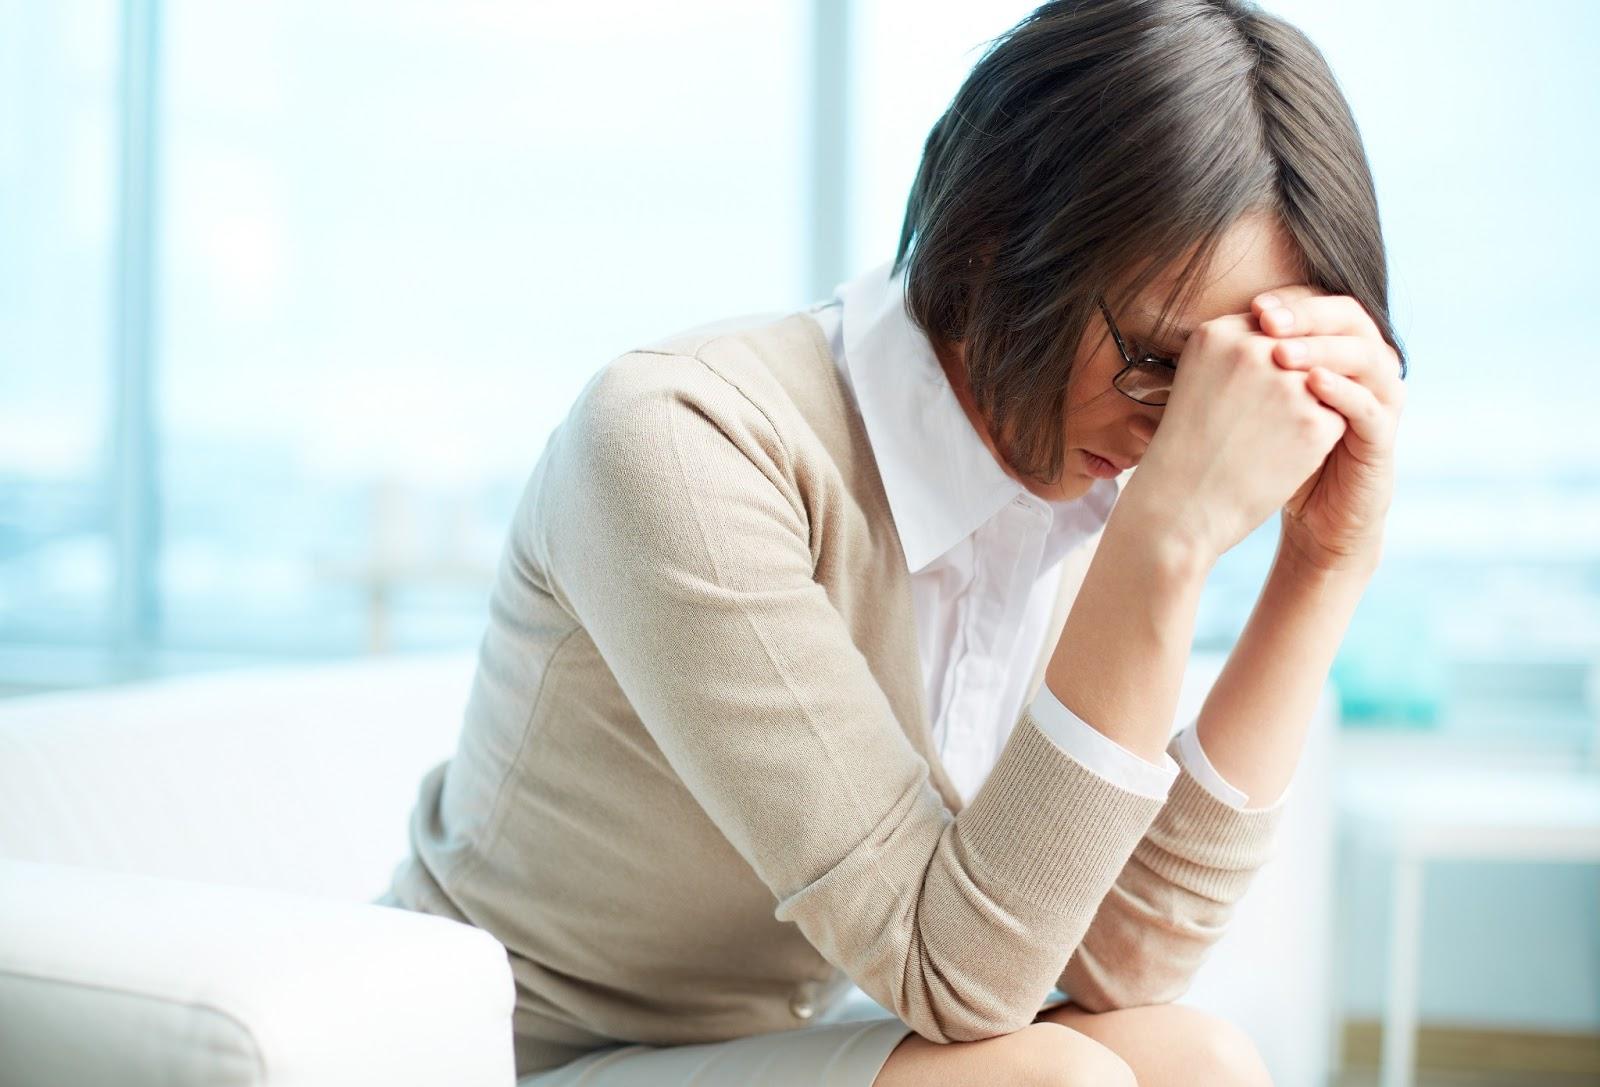 Хроническая депрессия - причины, симптомы, лечение, видео